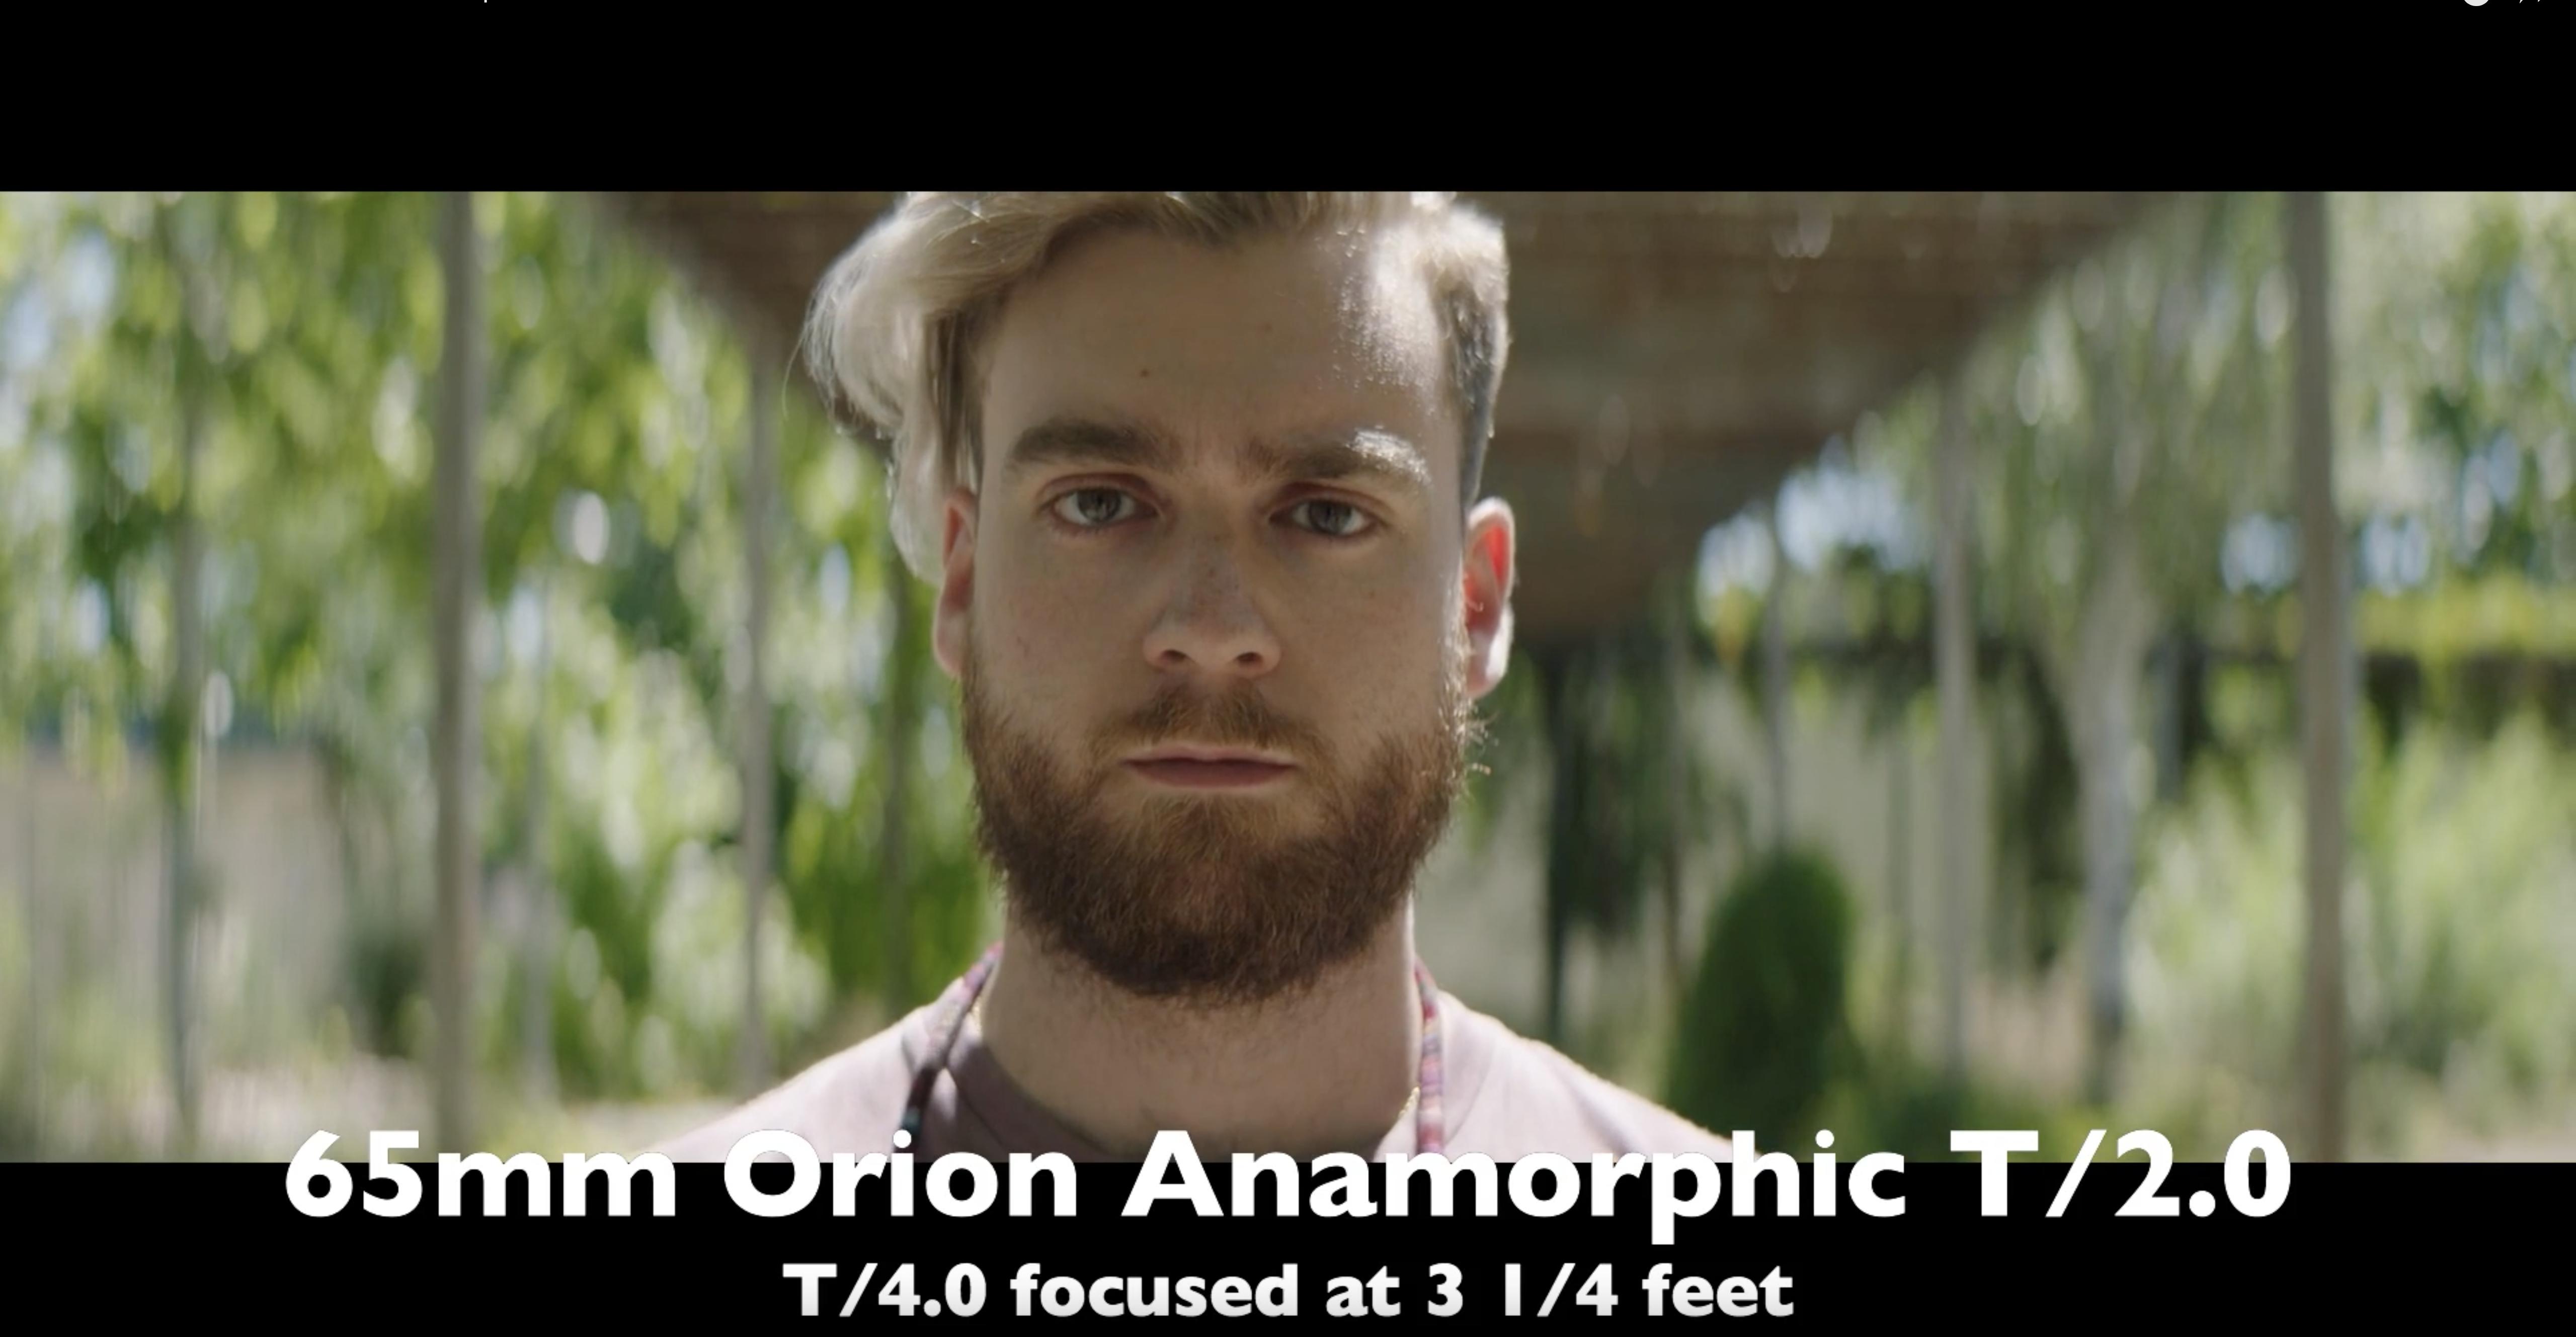 Lens Test Atlas Lens Co Orion Anamorphic Lenses